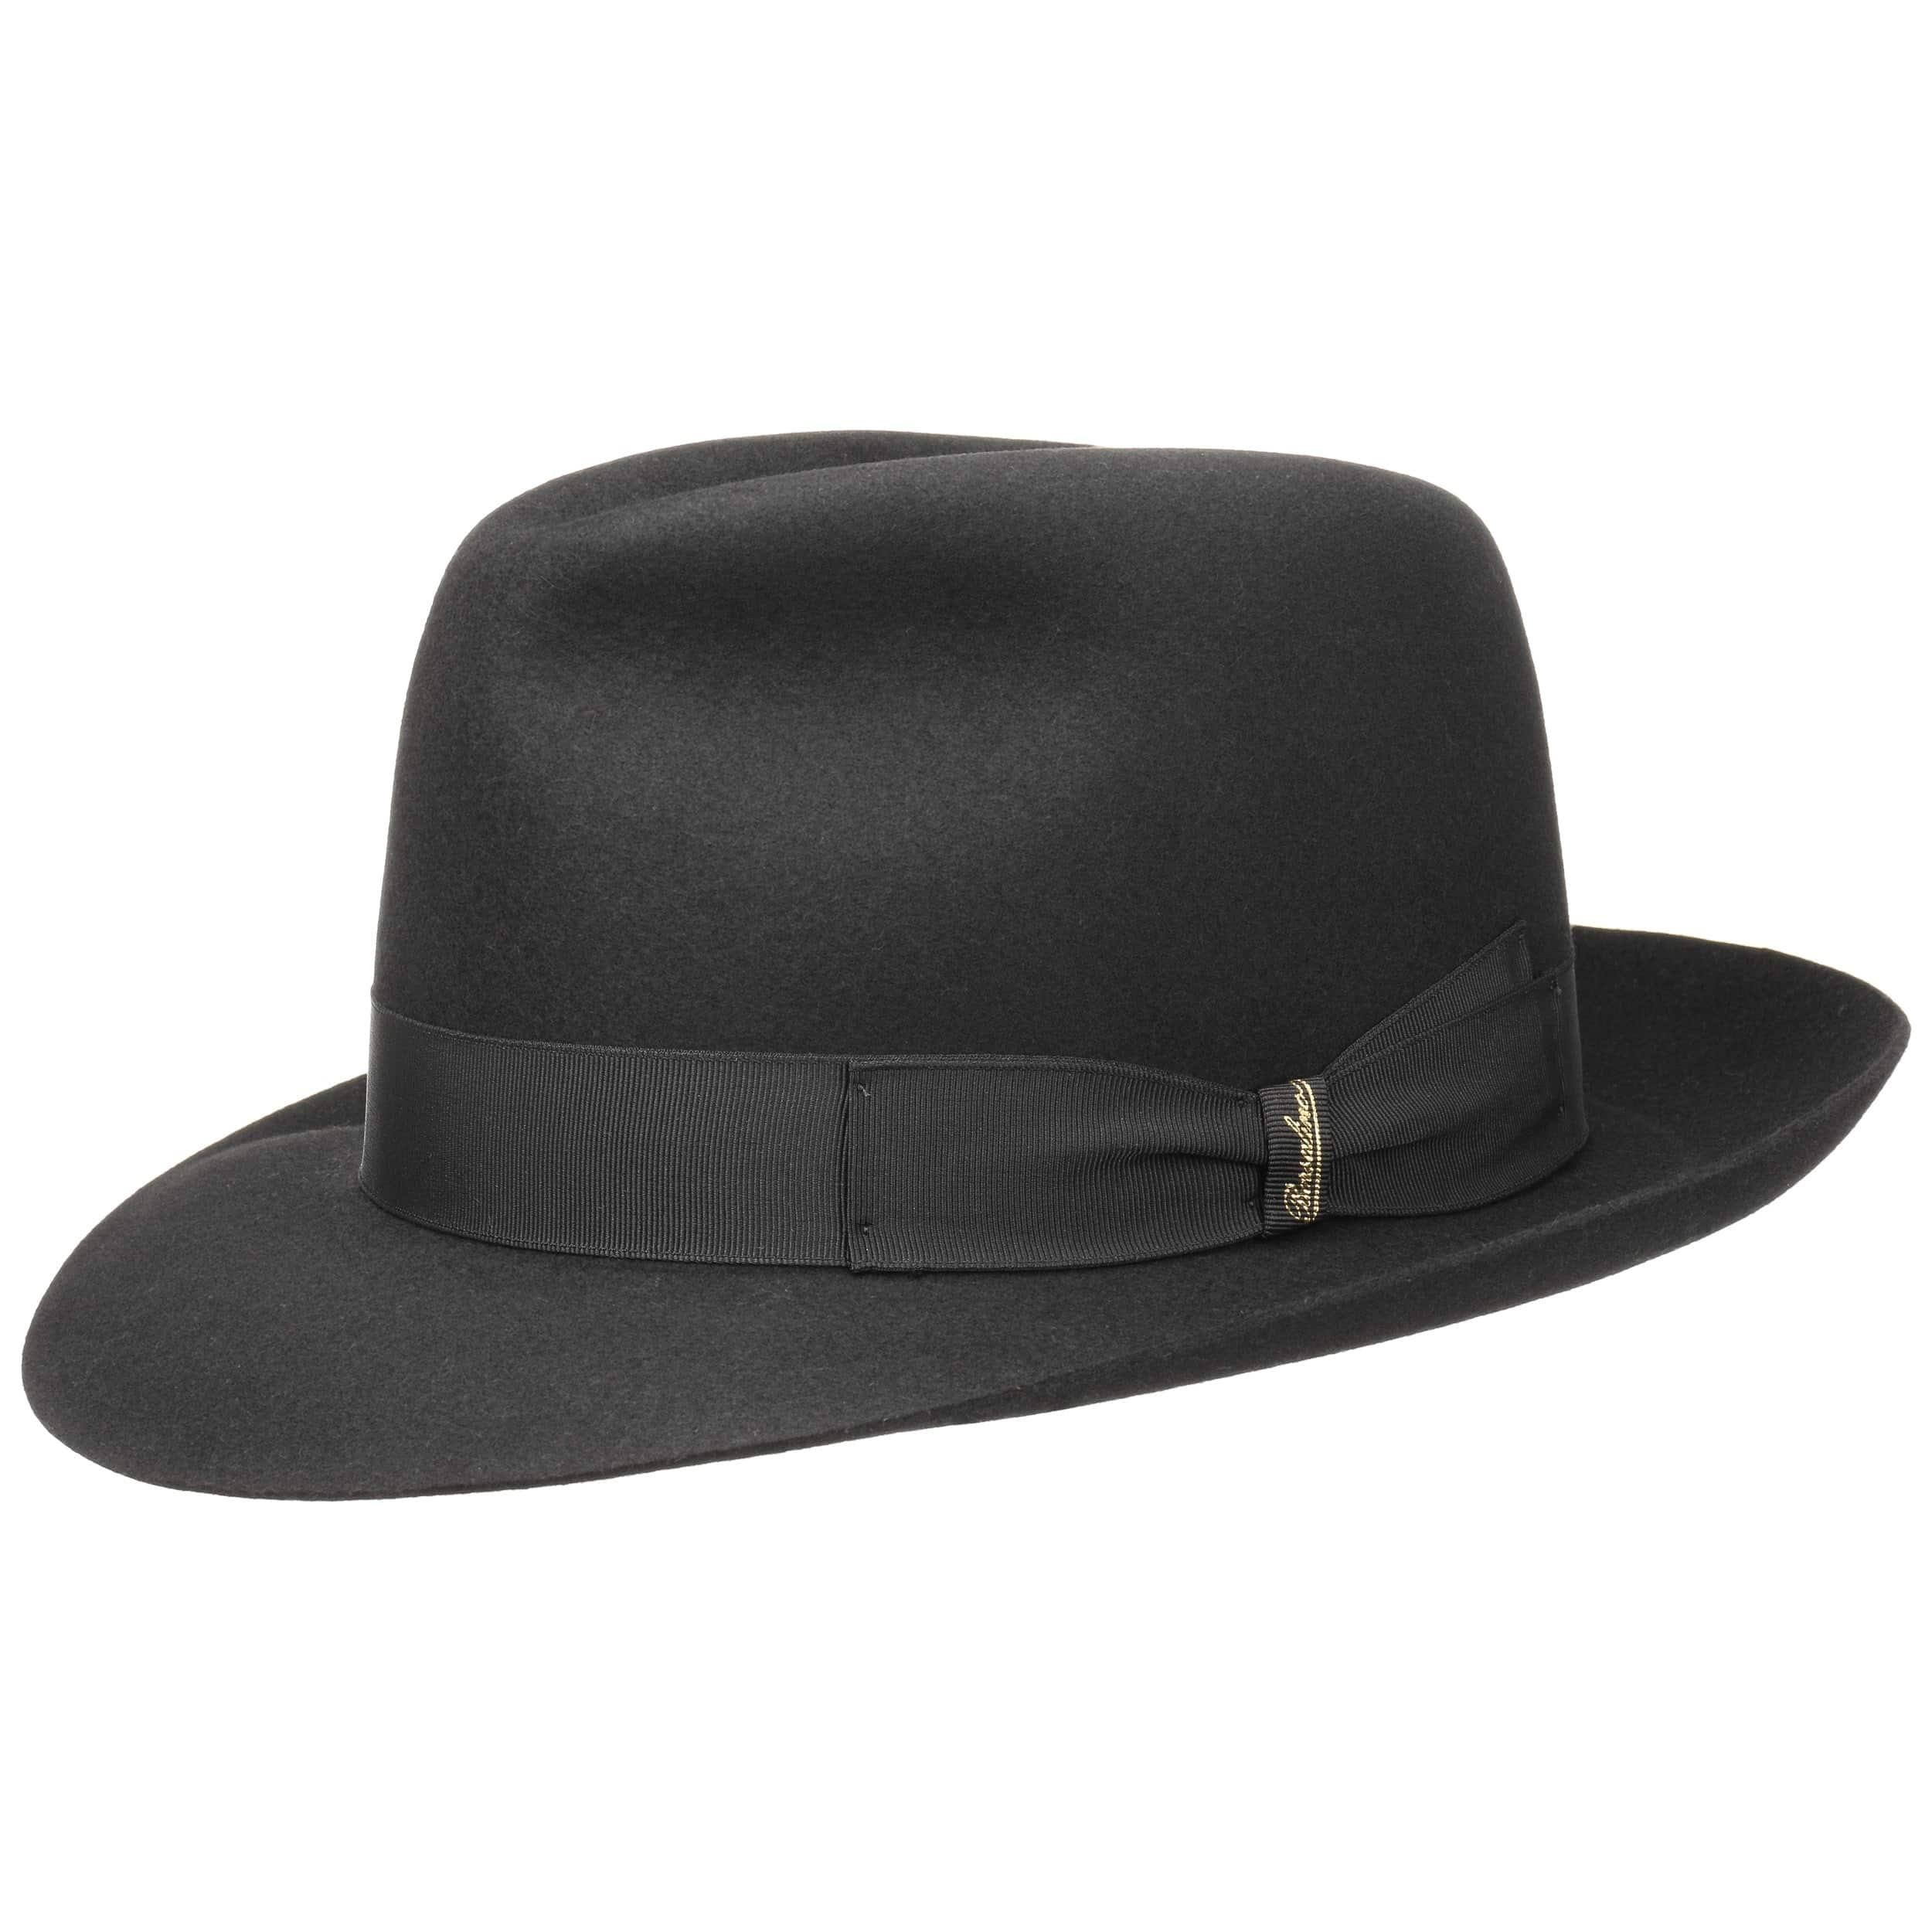 Sombrero Lluvia Alessandria by Borsalino - Sombreros - sombreroshop.es 1a6eec2b52b